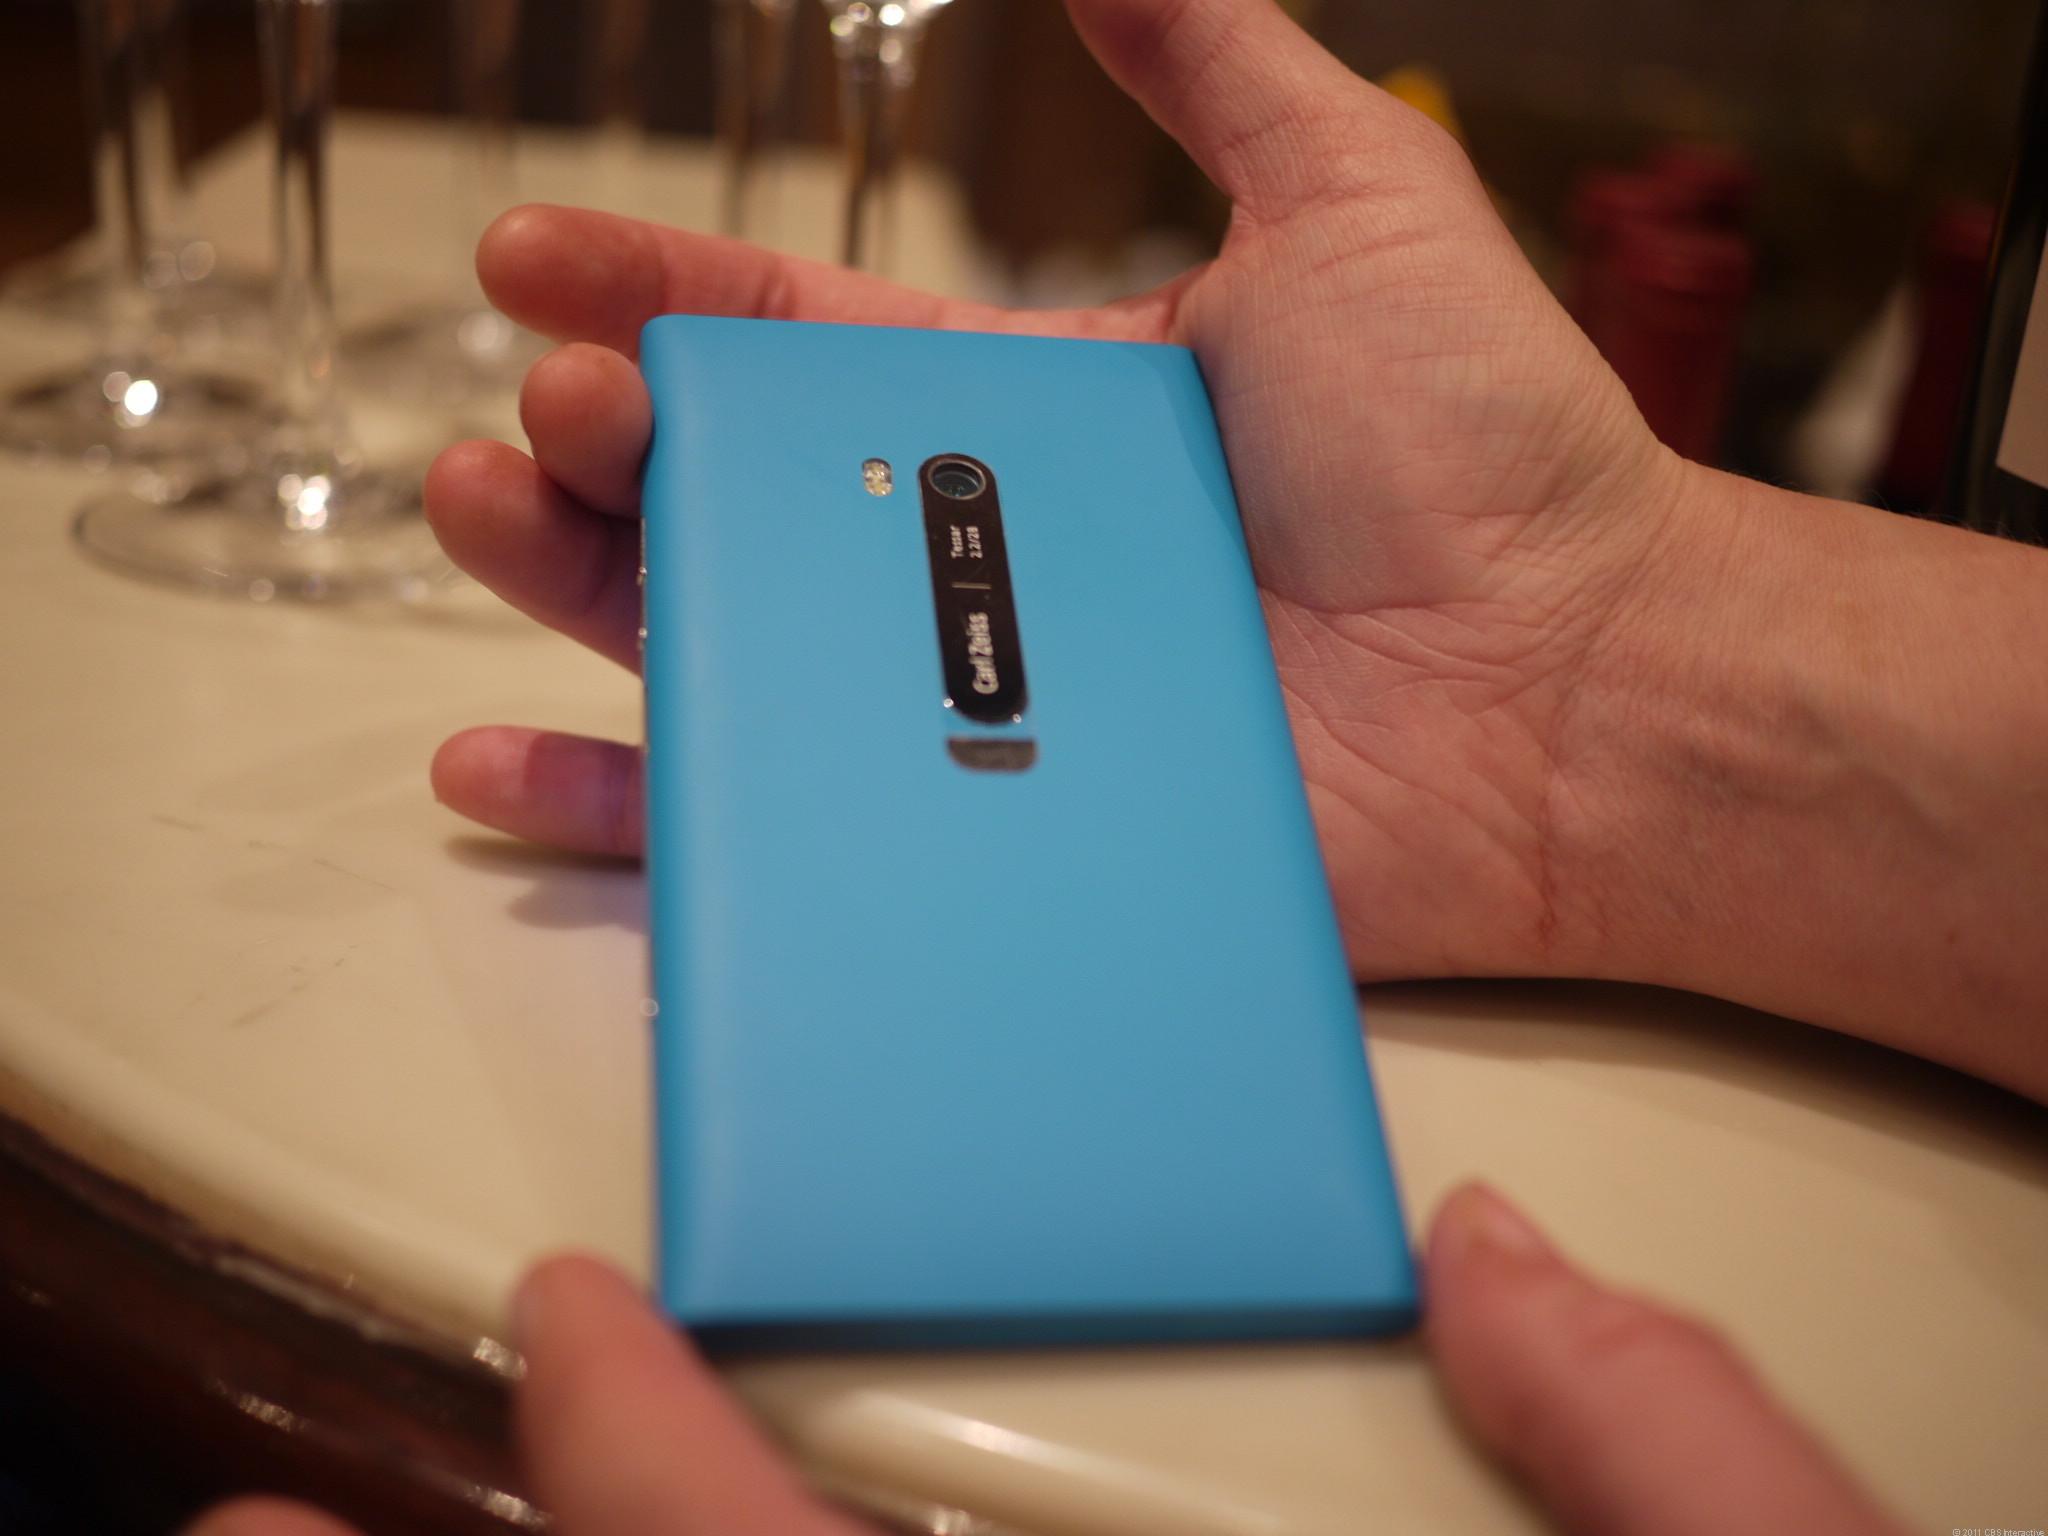 nokia-lumia-900-best-of-ces-2012-5